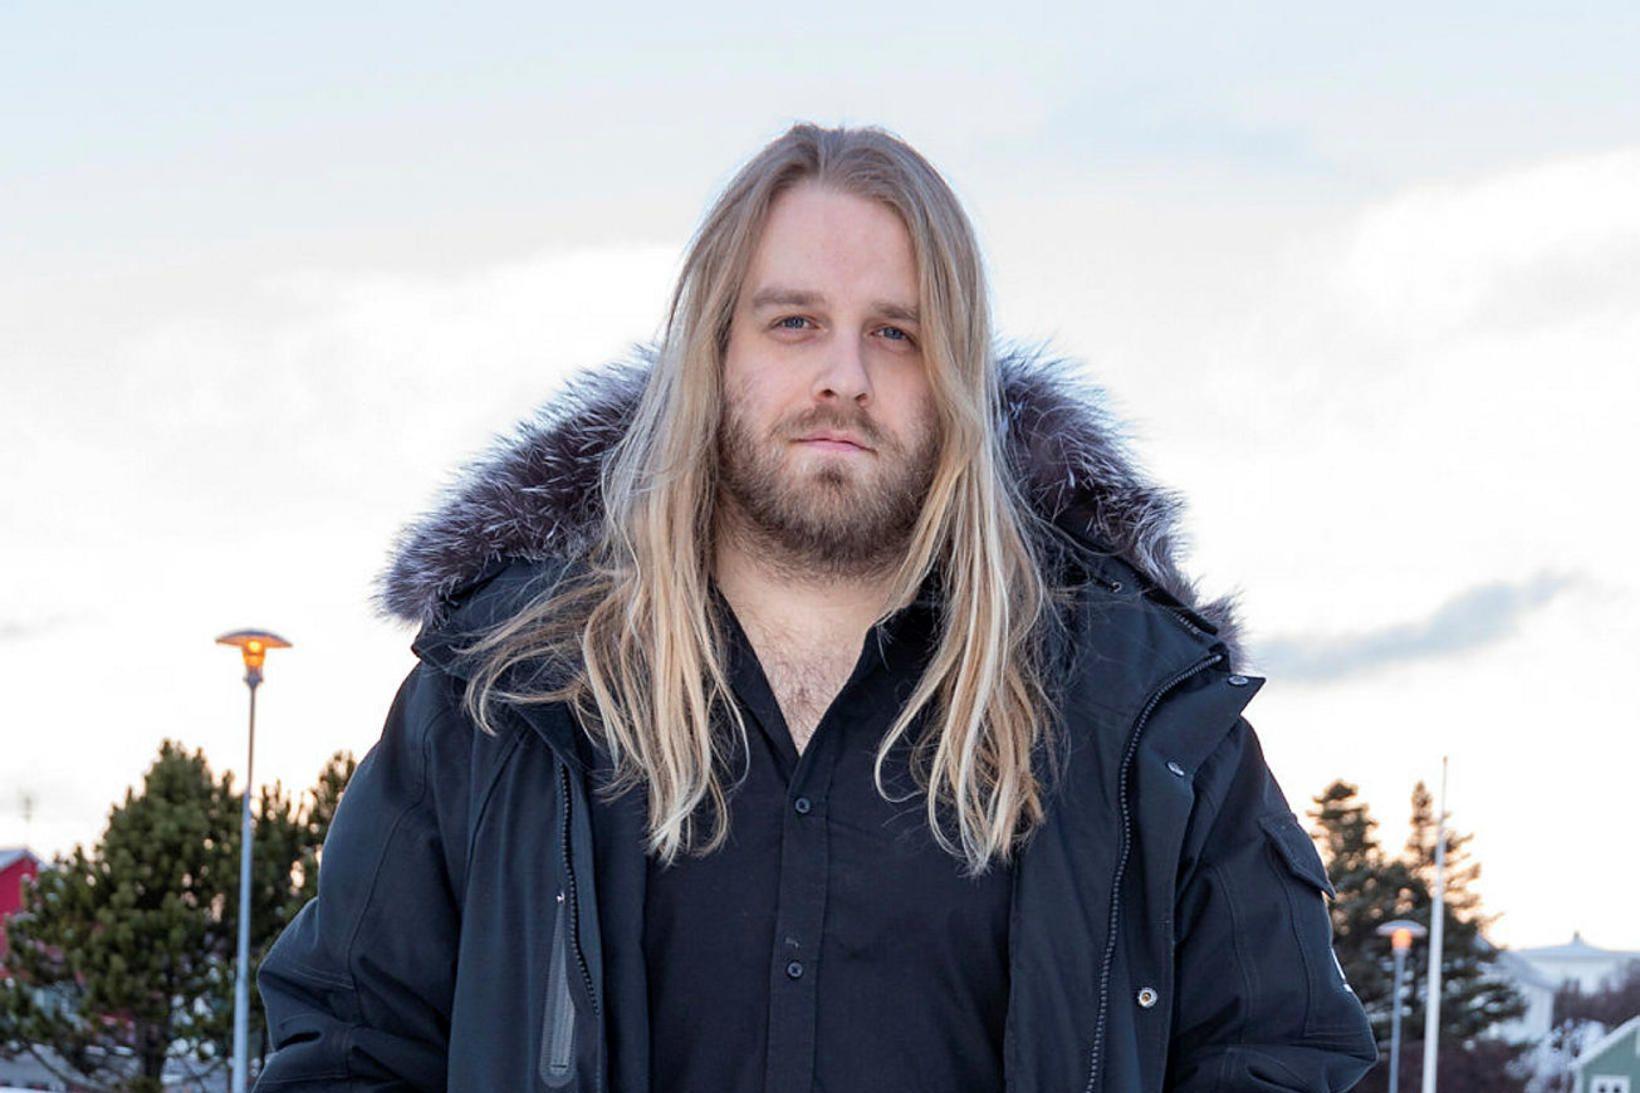 Eyþór Ingi Gunnlaugsson eignaðist dóttur með eiginkonu sinni.